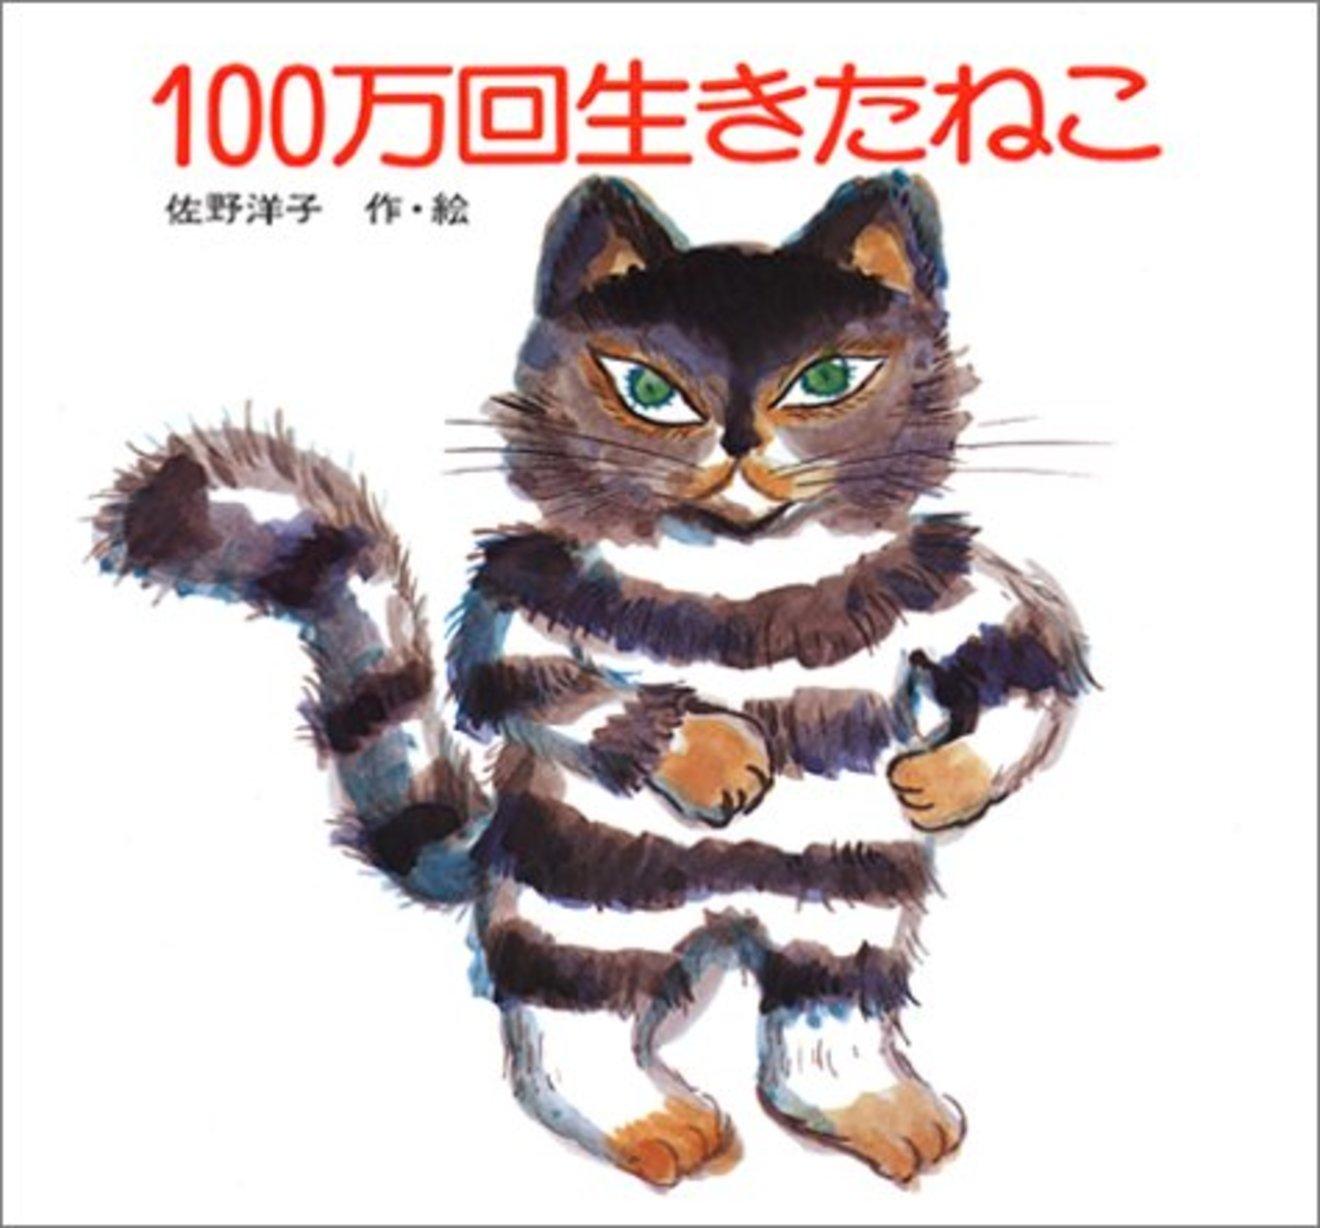 佐野洋子のおすすめ絵本10選!名作『100万回生きた猫』作者